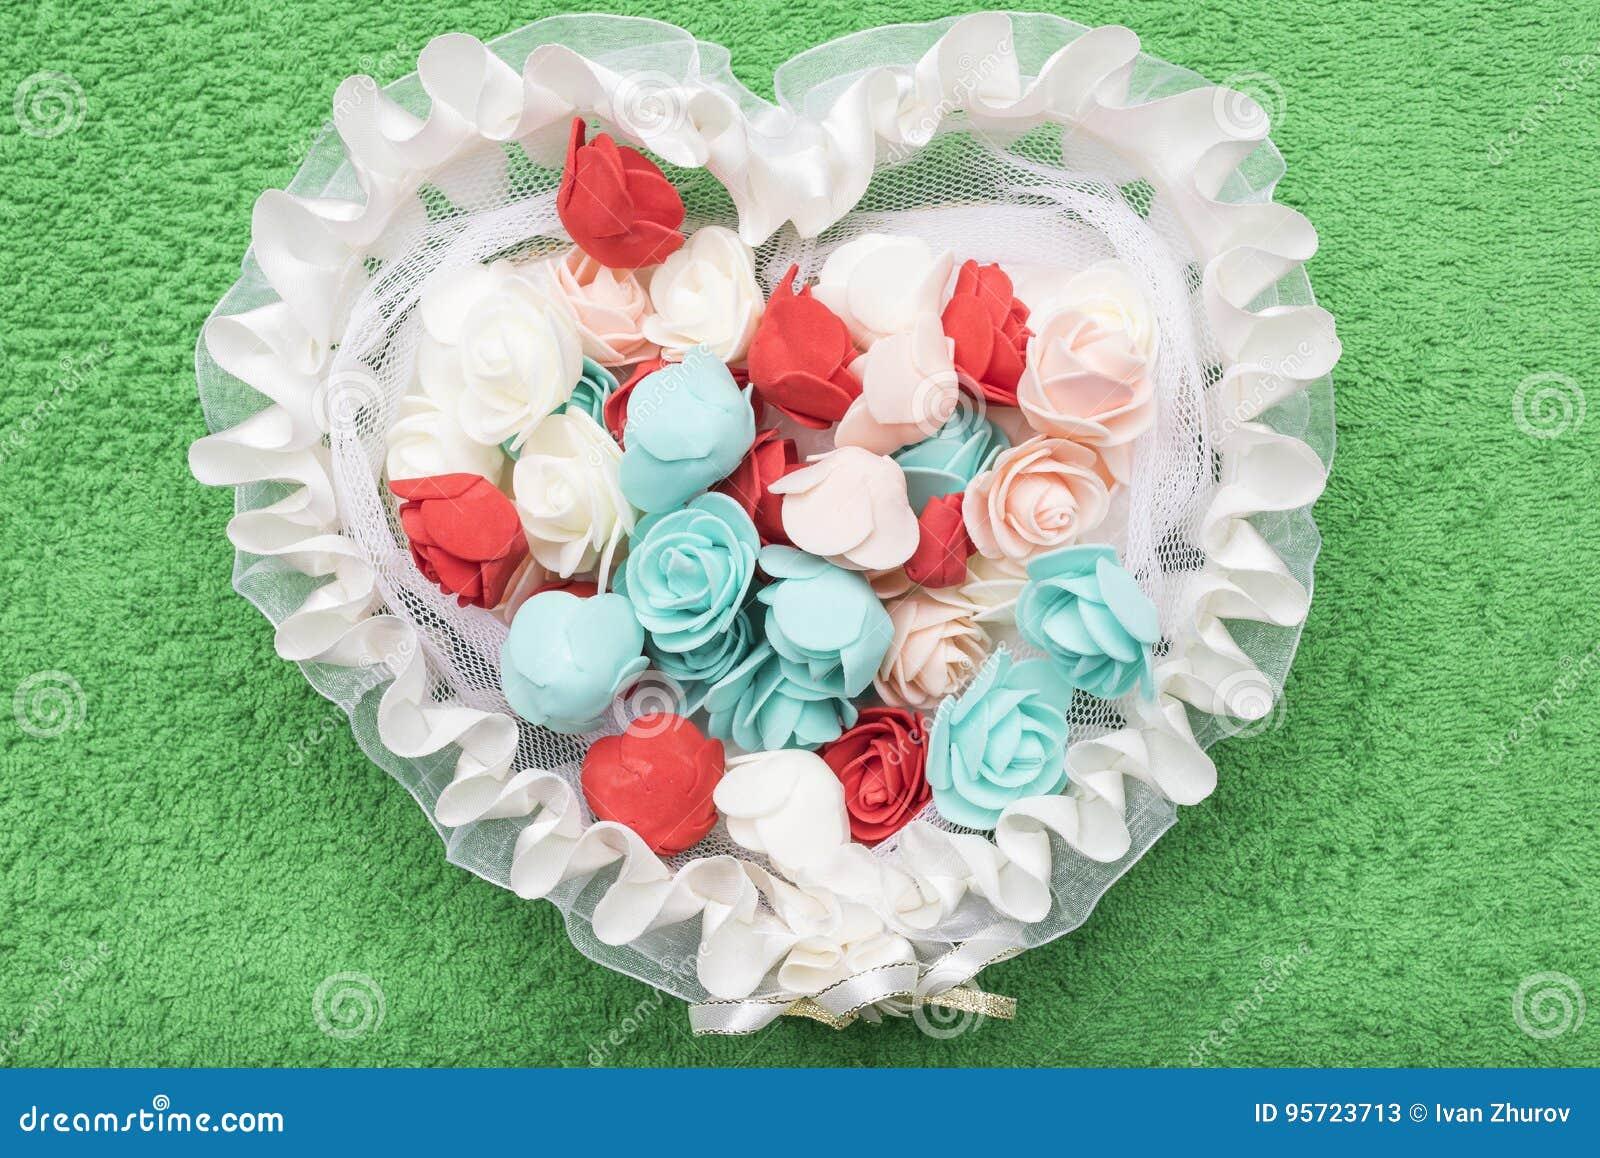 Sztuczne stubarwne róże kłamają w białym koronkowym koszu w postaci serca